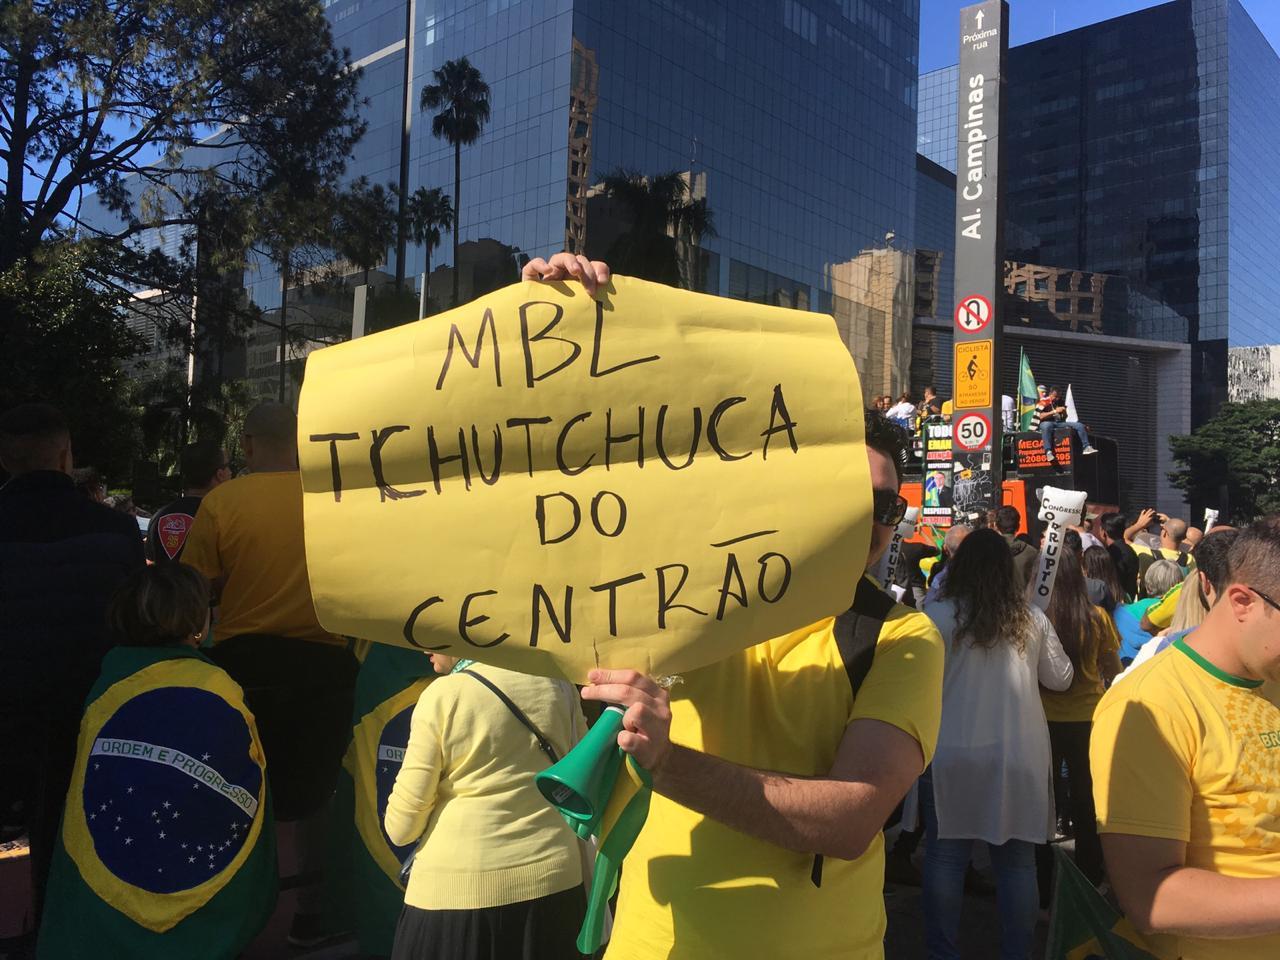 Antes juntos no apoio a Bolsonaro, MBL não compareceu ao ato e foi criticado pelos manifestantes - Créditos: Foto: José Eduardo Bernardes